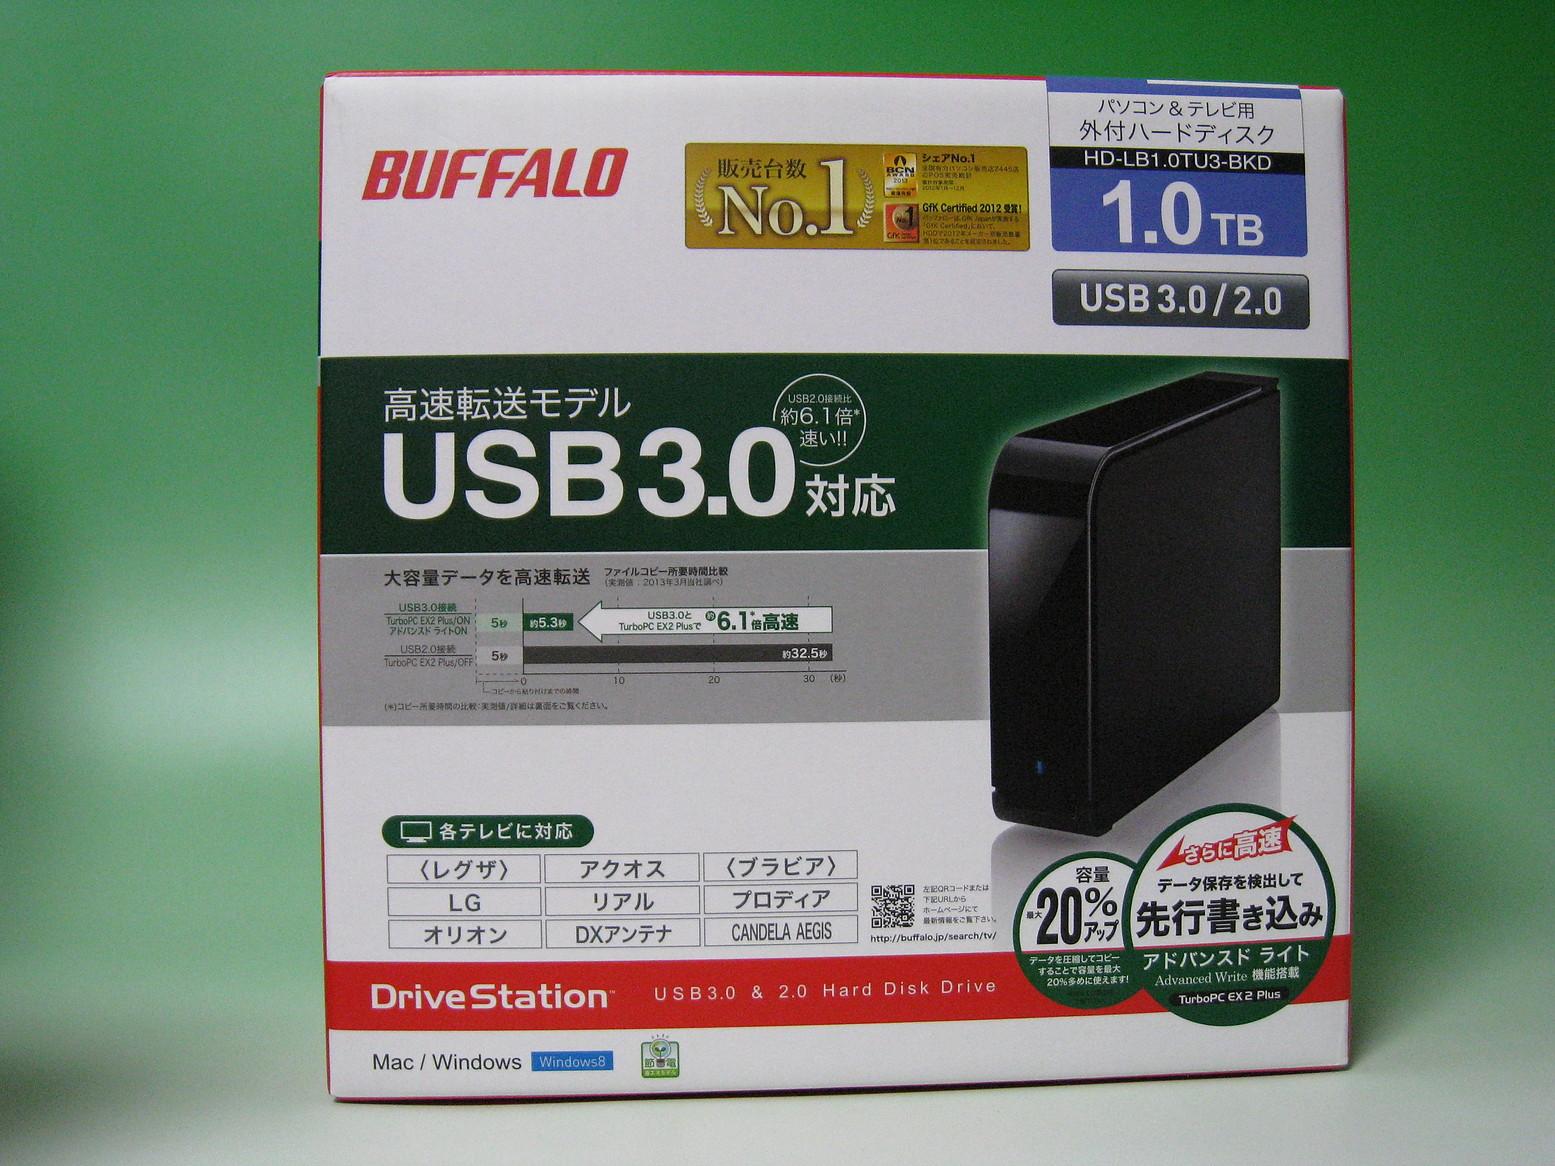 HD-LB1.0TU3-BKD